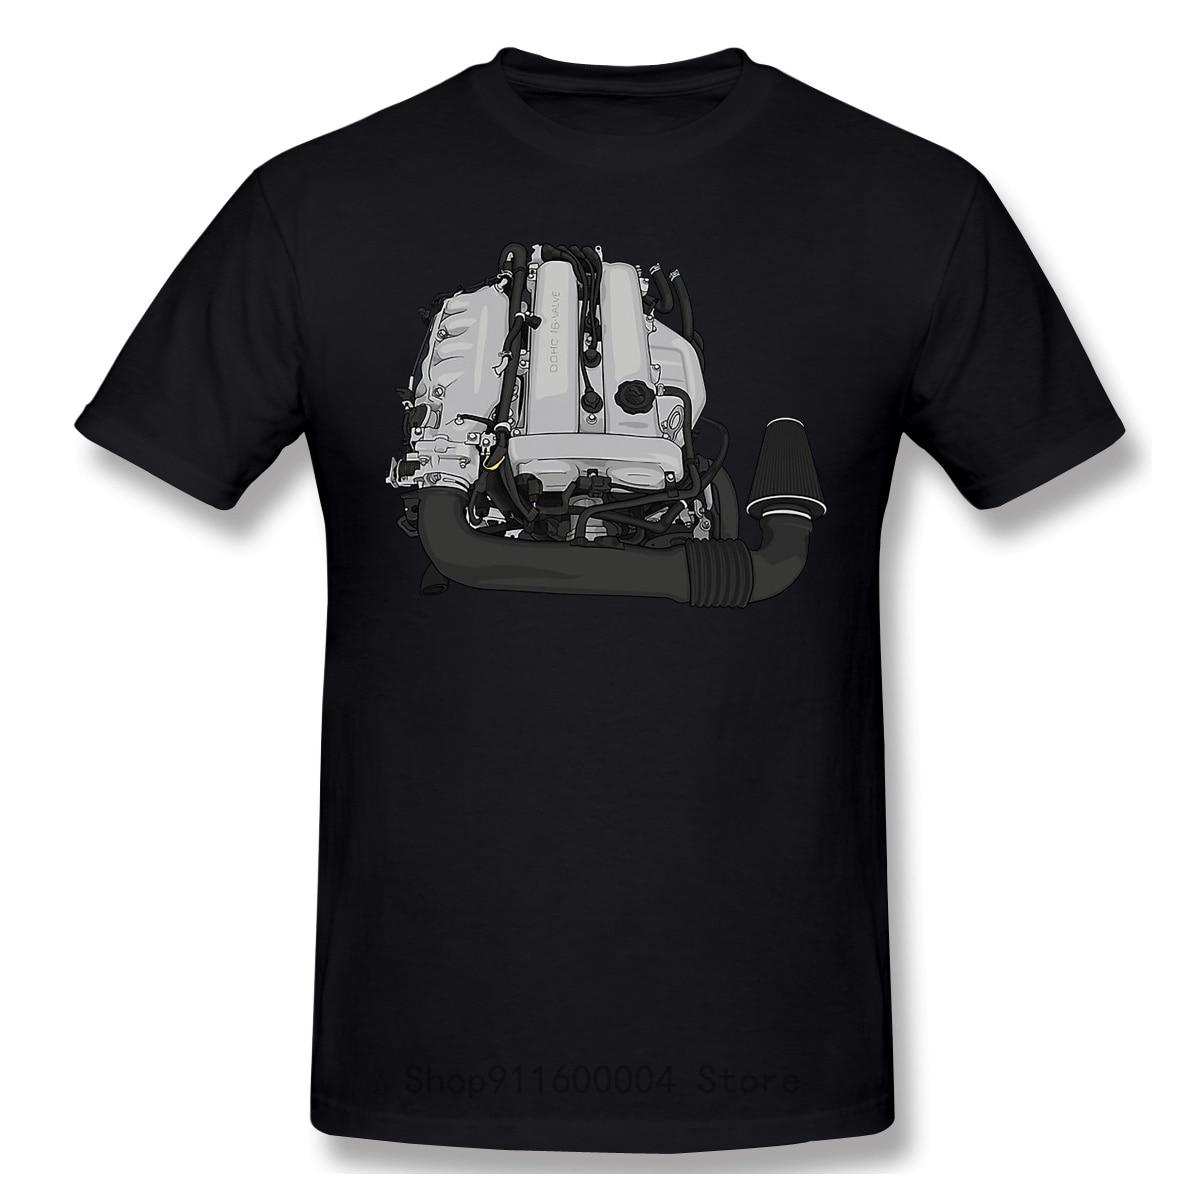 MX 5 Miata BP18 наклейка на двигатель артимотива крутая и забавная Повседневная модная хлопковая футболка с коротким рукавом футболки